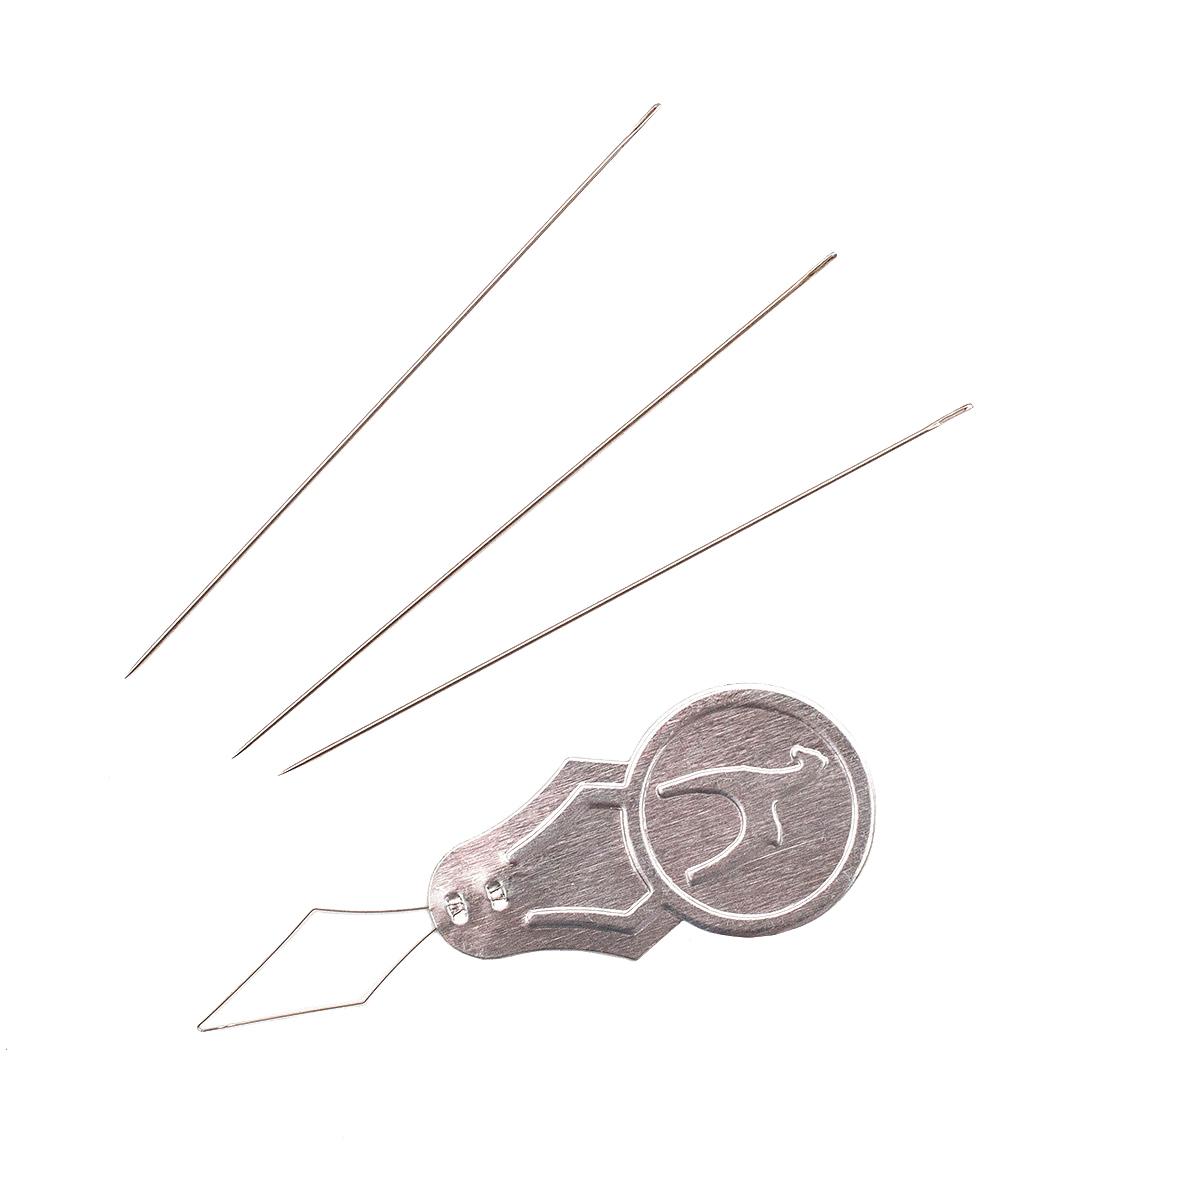 07305(07805) Иглы для бисера №10, упак./6 шт., PONY